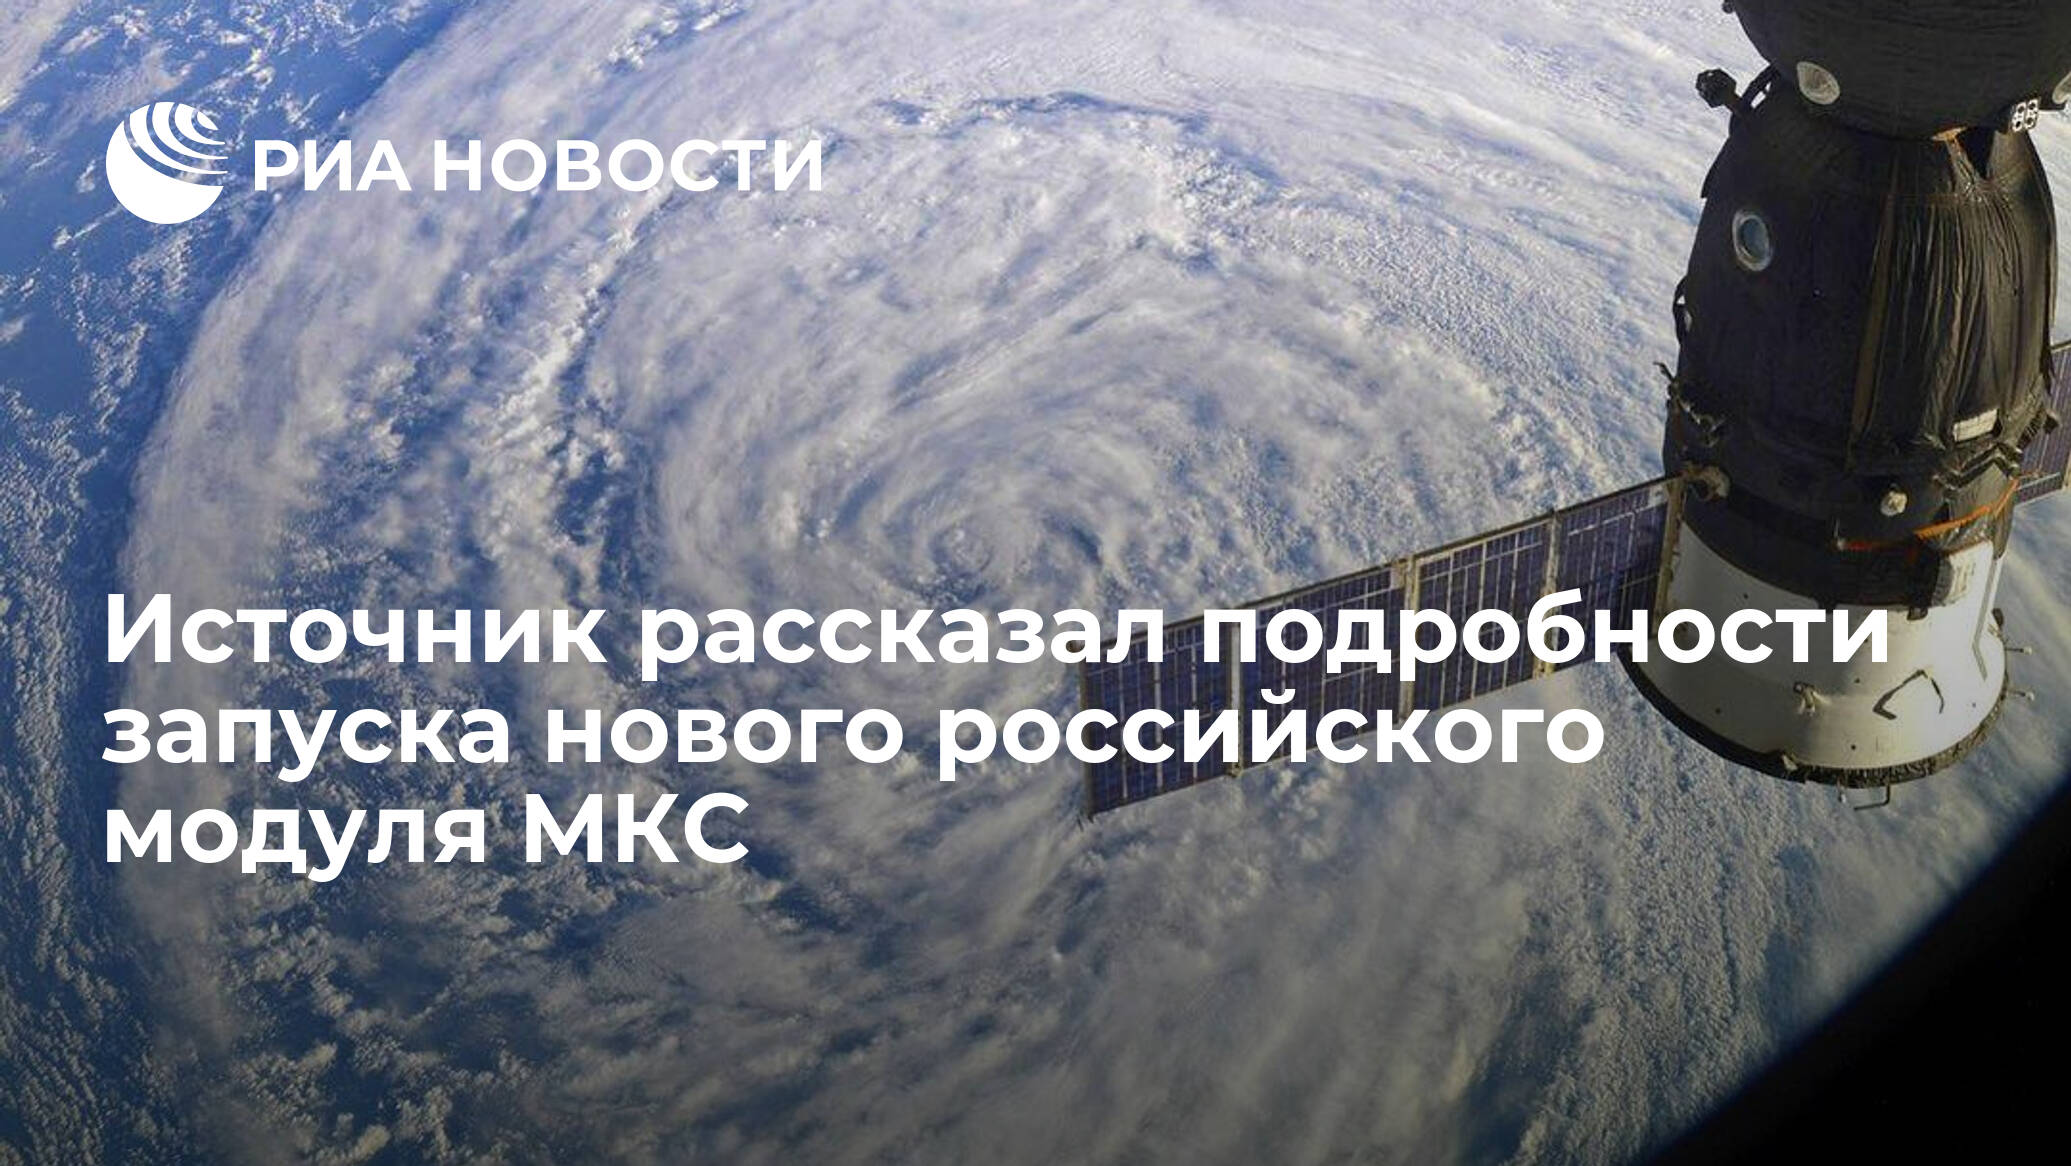 Источник рассказал, как новый российский модуль пристыкуют к МКС